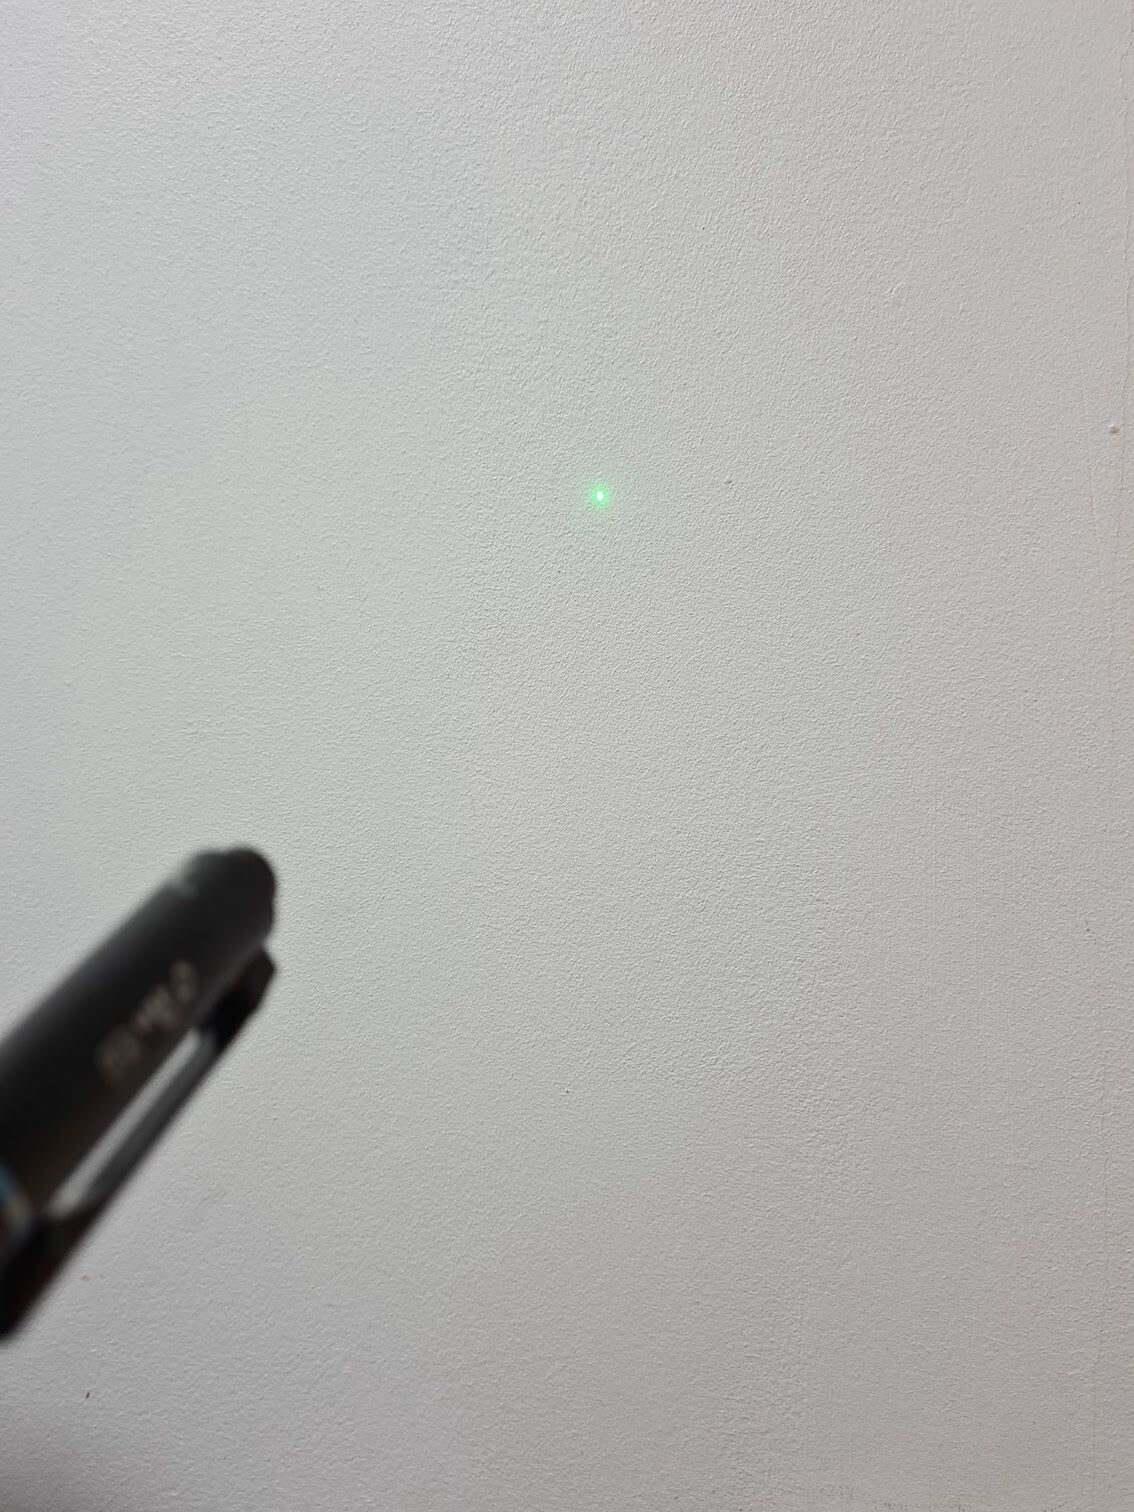 Olight Open Pro Penlight - laser point